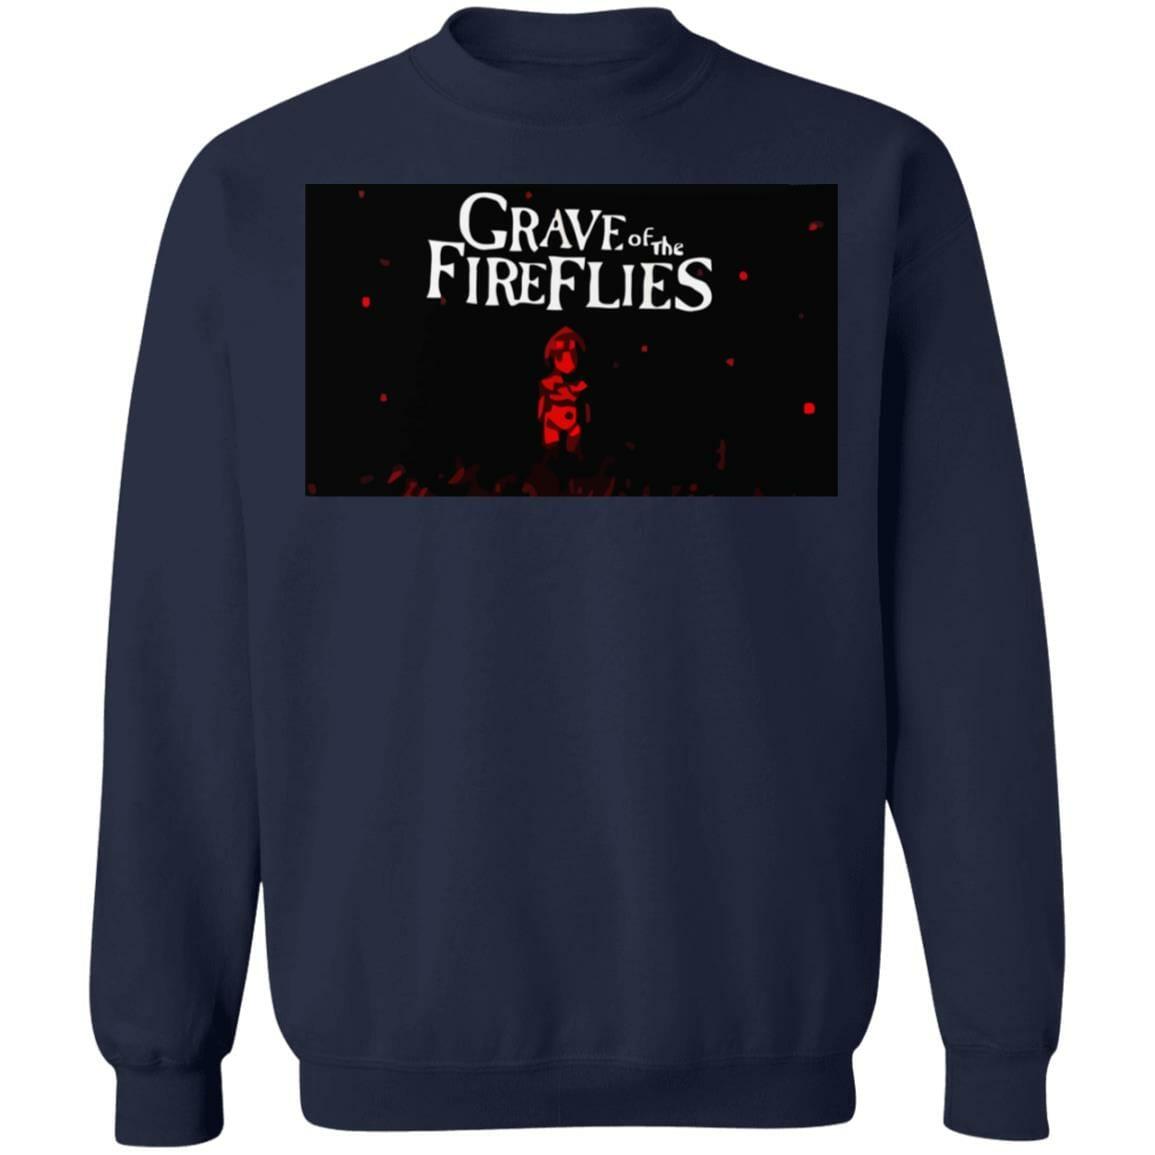 Grave of The Fireflies Poster Sweatshirt Unisex